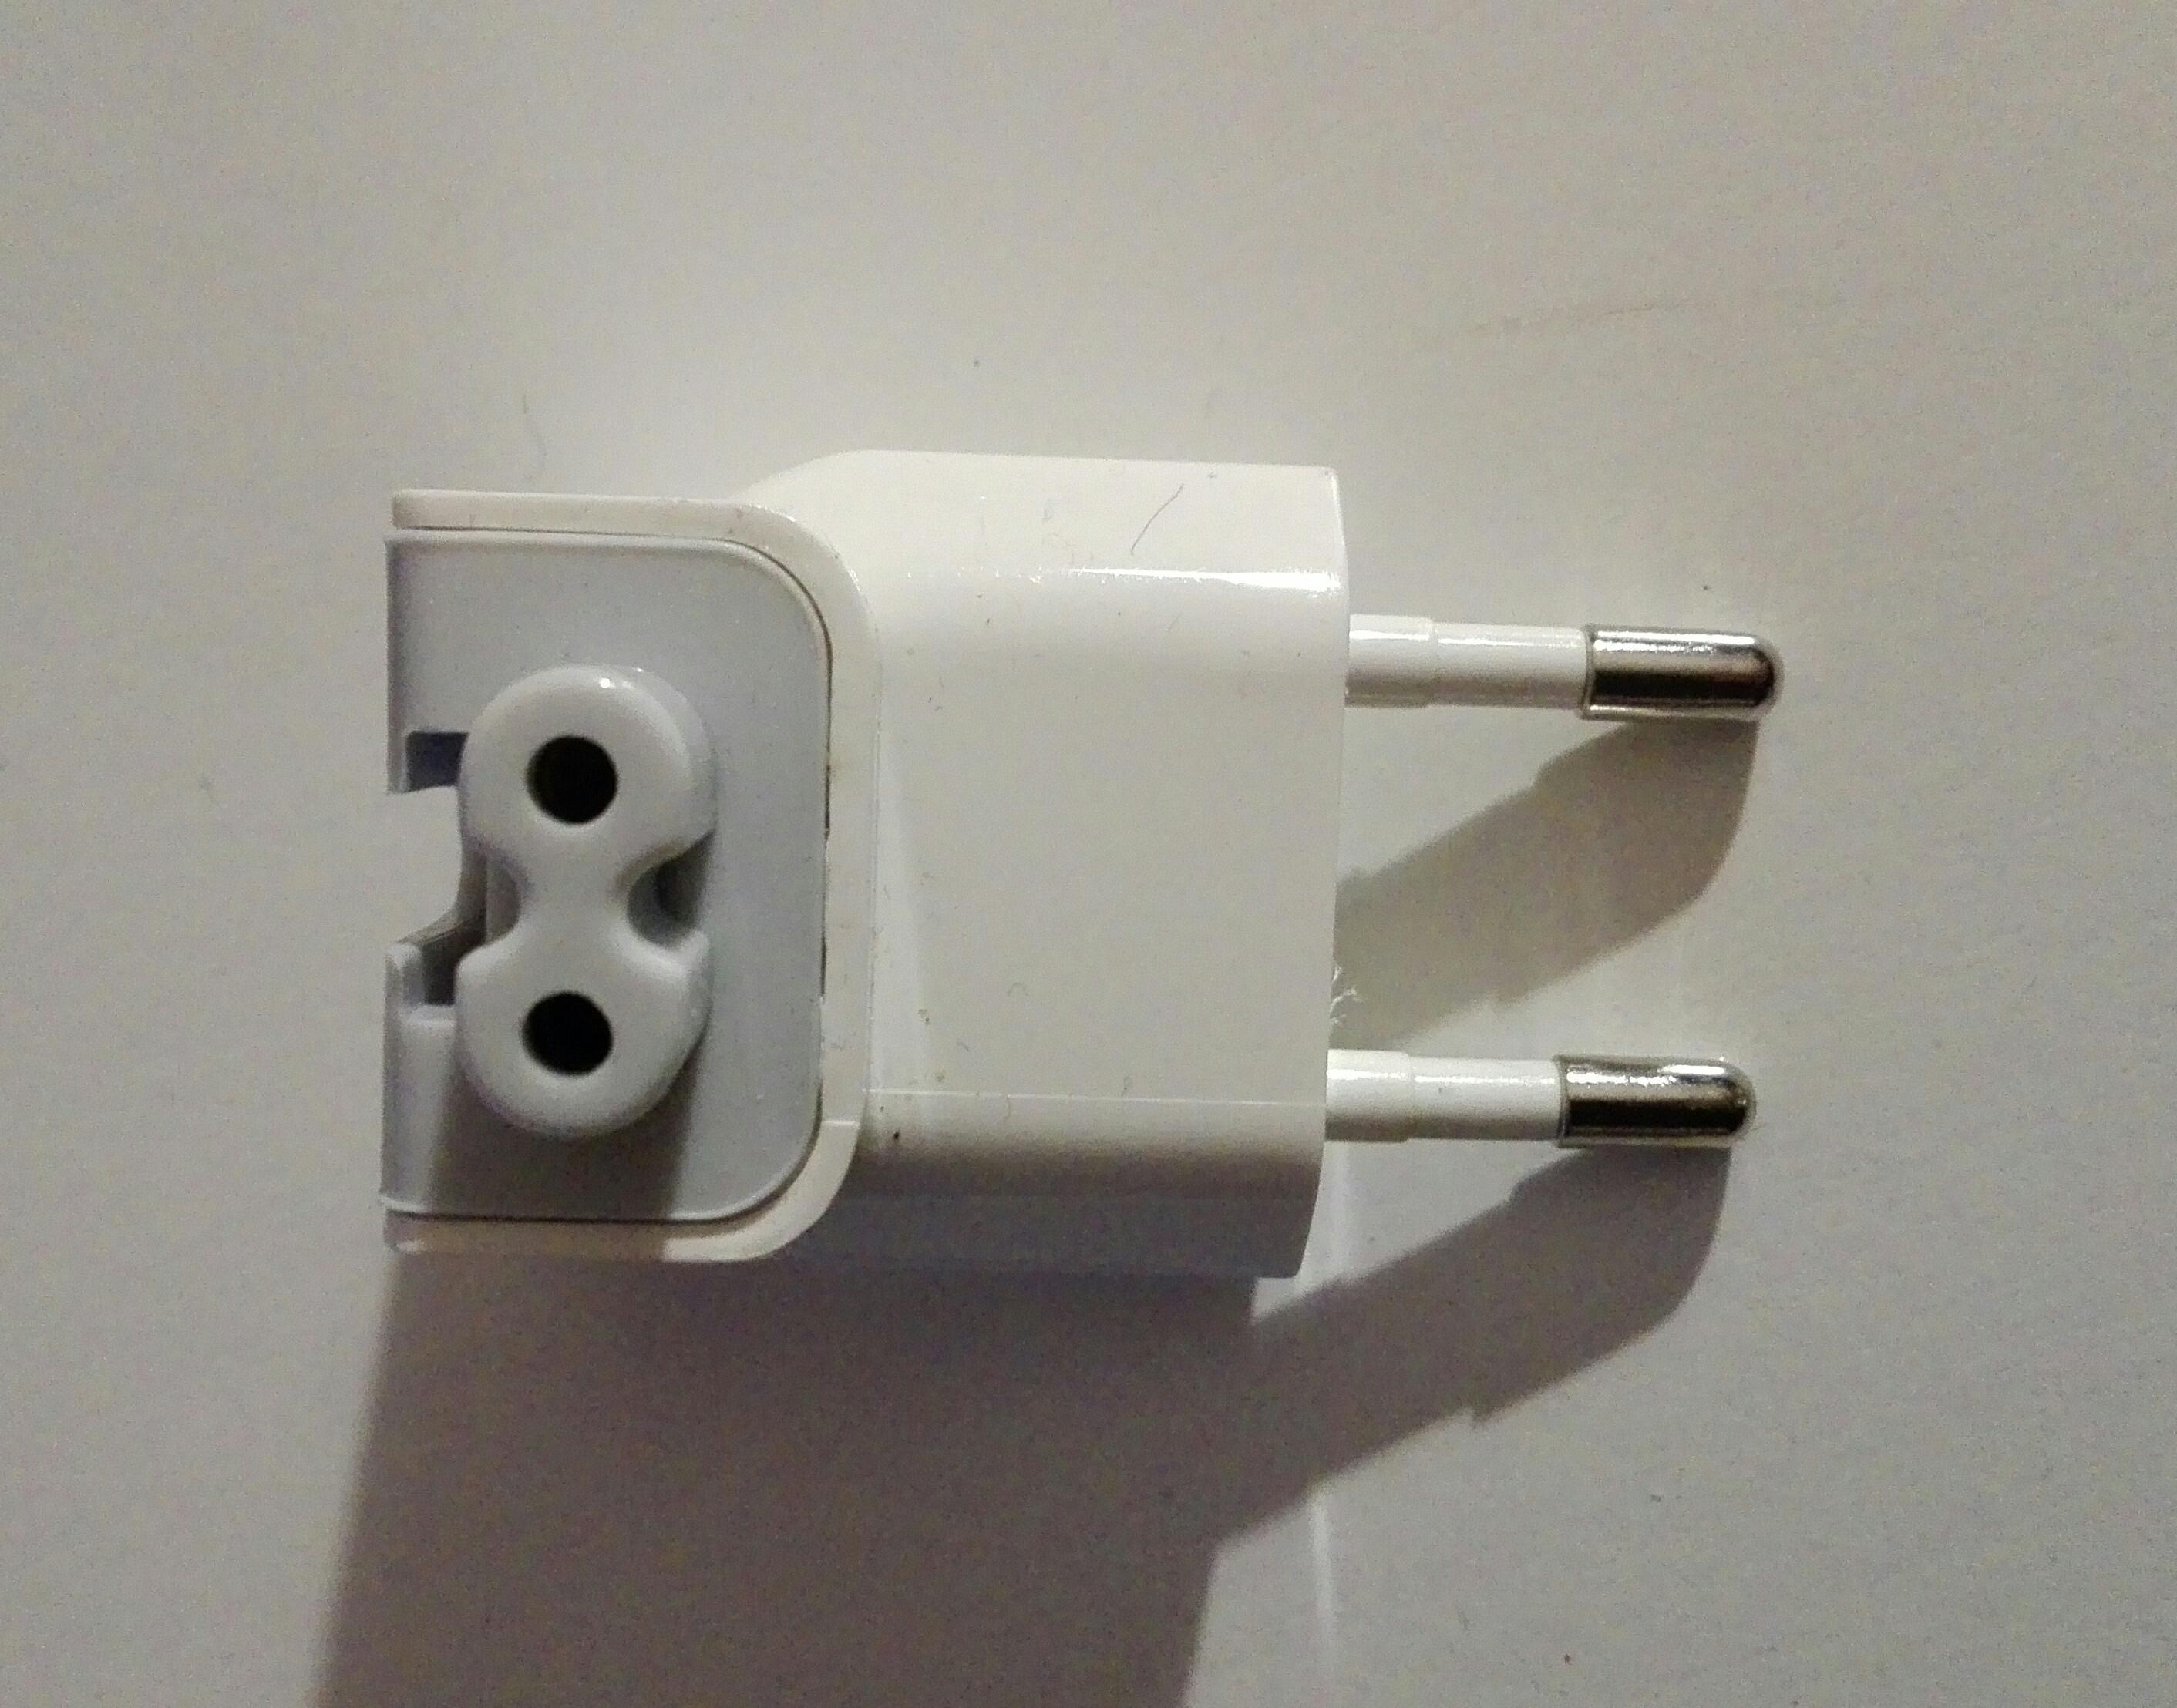 troc de troc embout pour cable chargeur macbook pro image 1